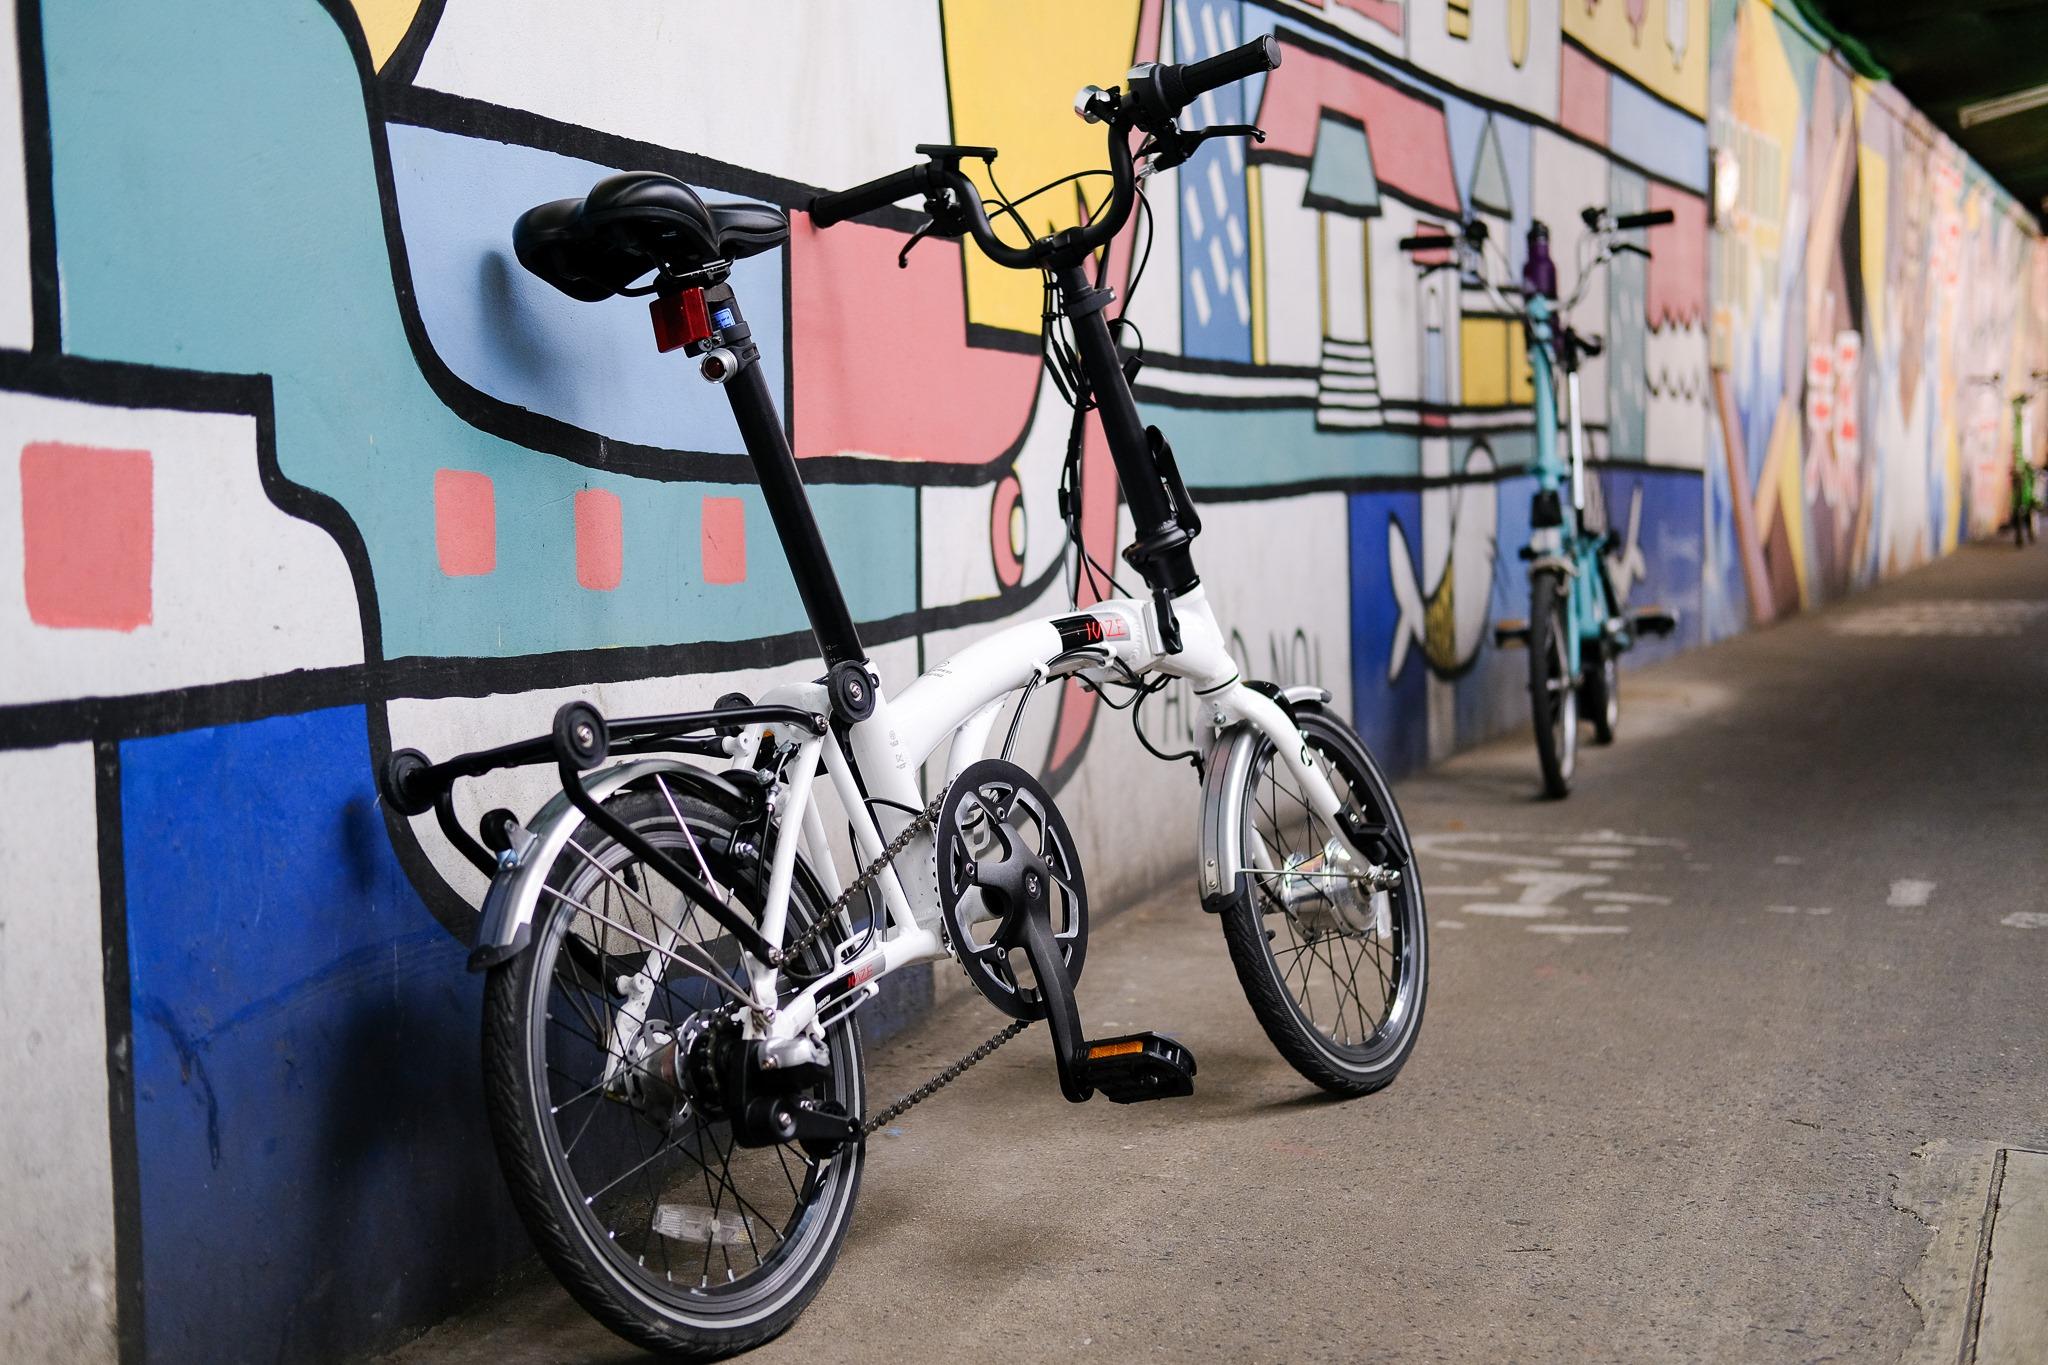 เส้นทางปั่นจักรยานกลางเมืองหลวง คลองสาน-วัดอรุณ เส้นทางแห่งวัฒนธรรม